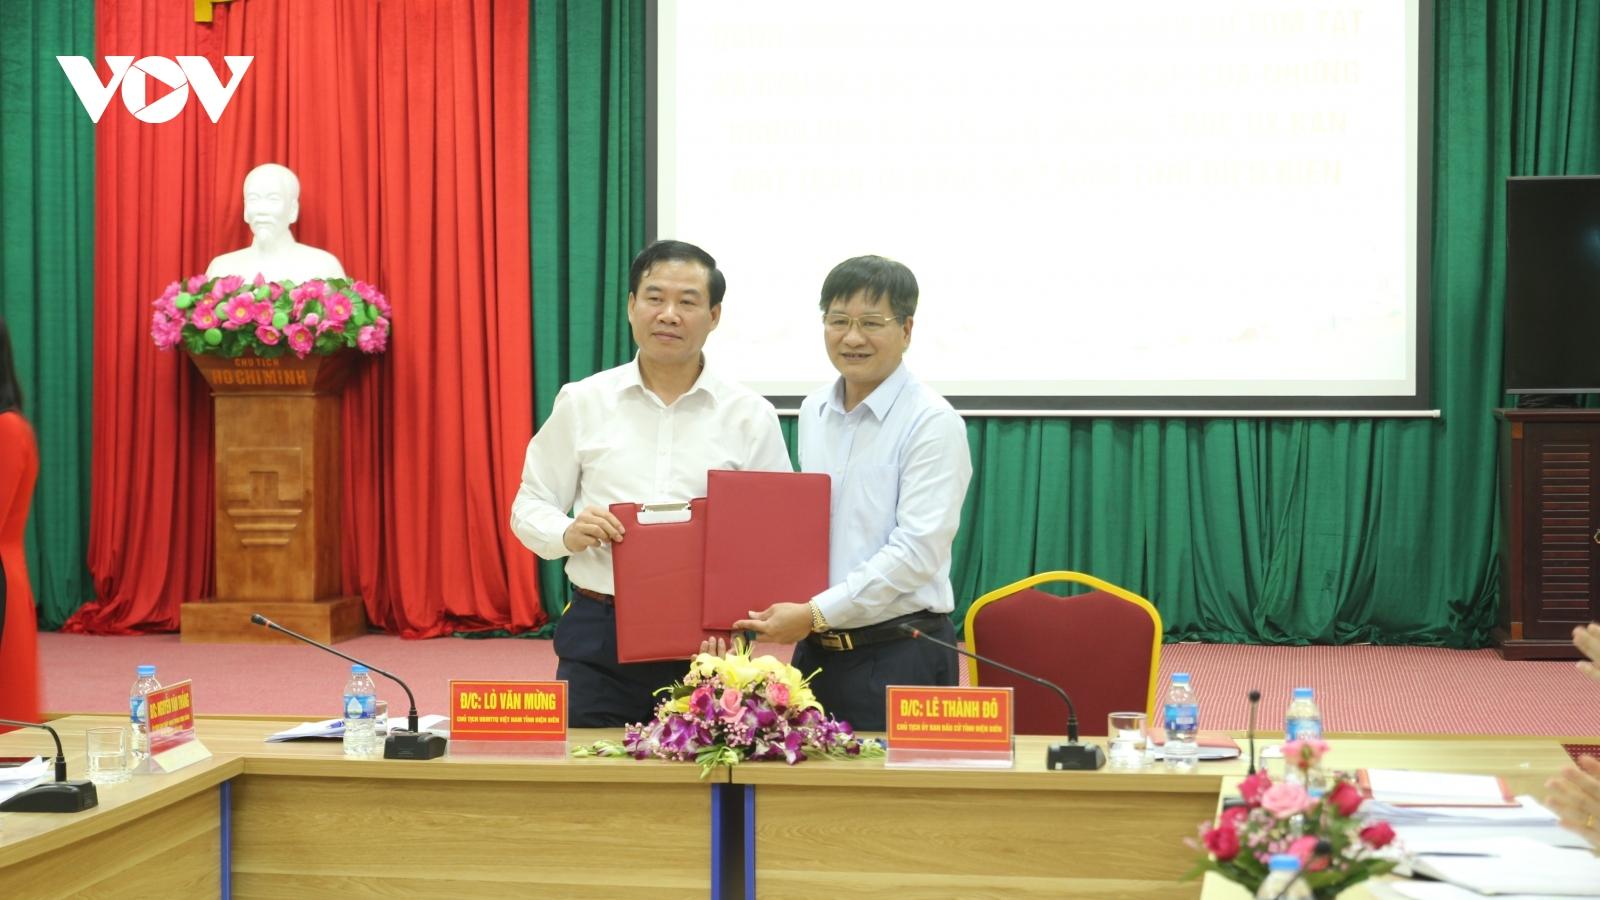 Chuyển giao hồ sơ ứng cử viên ĐBQH và HĐND tỉnh Điện Biên khóa XV